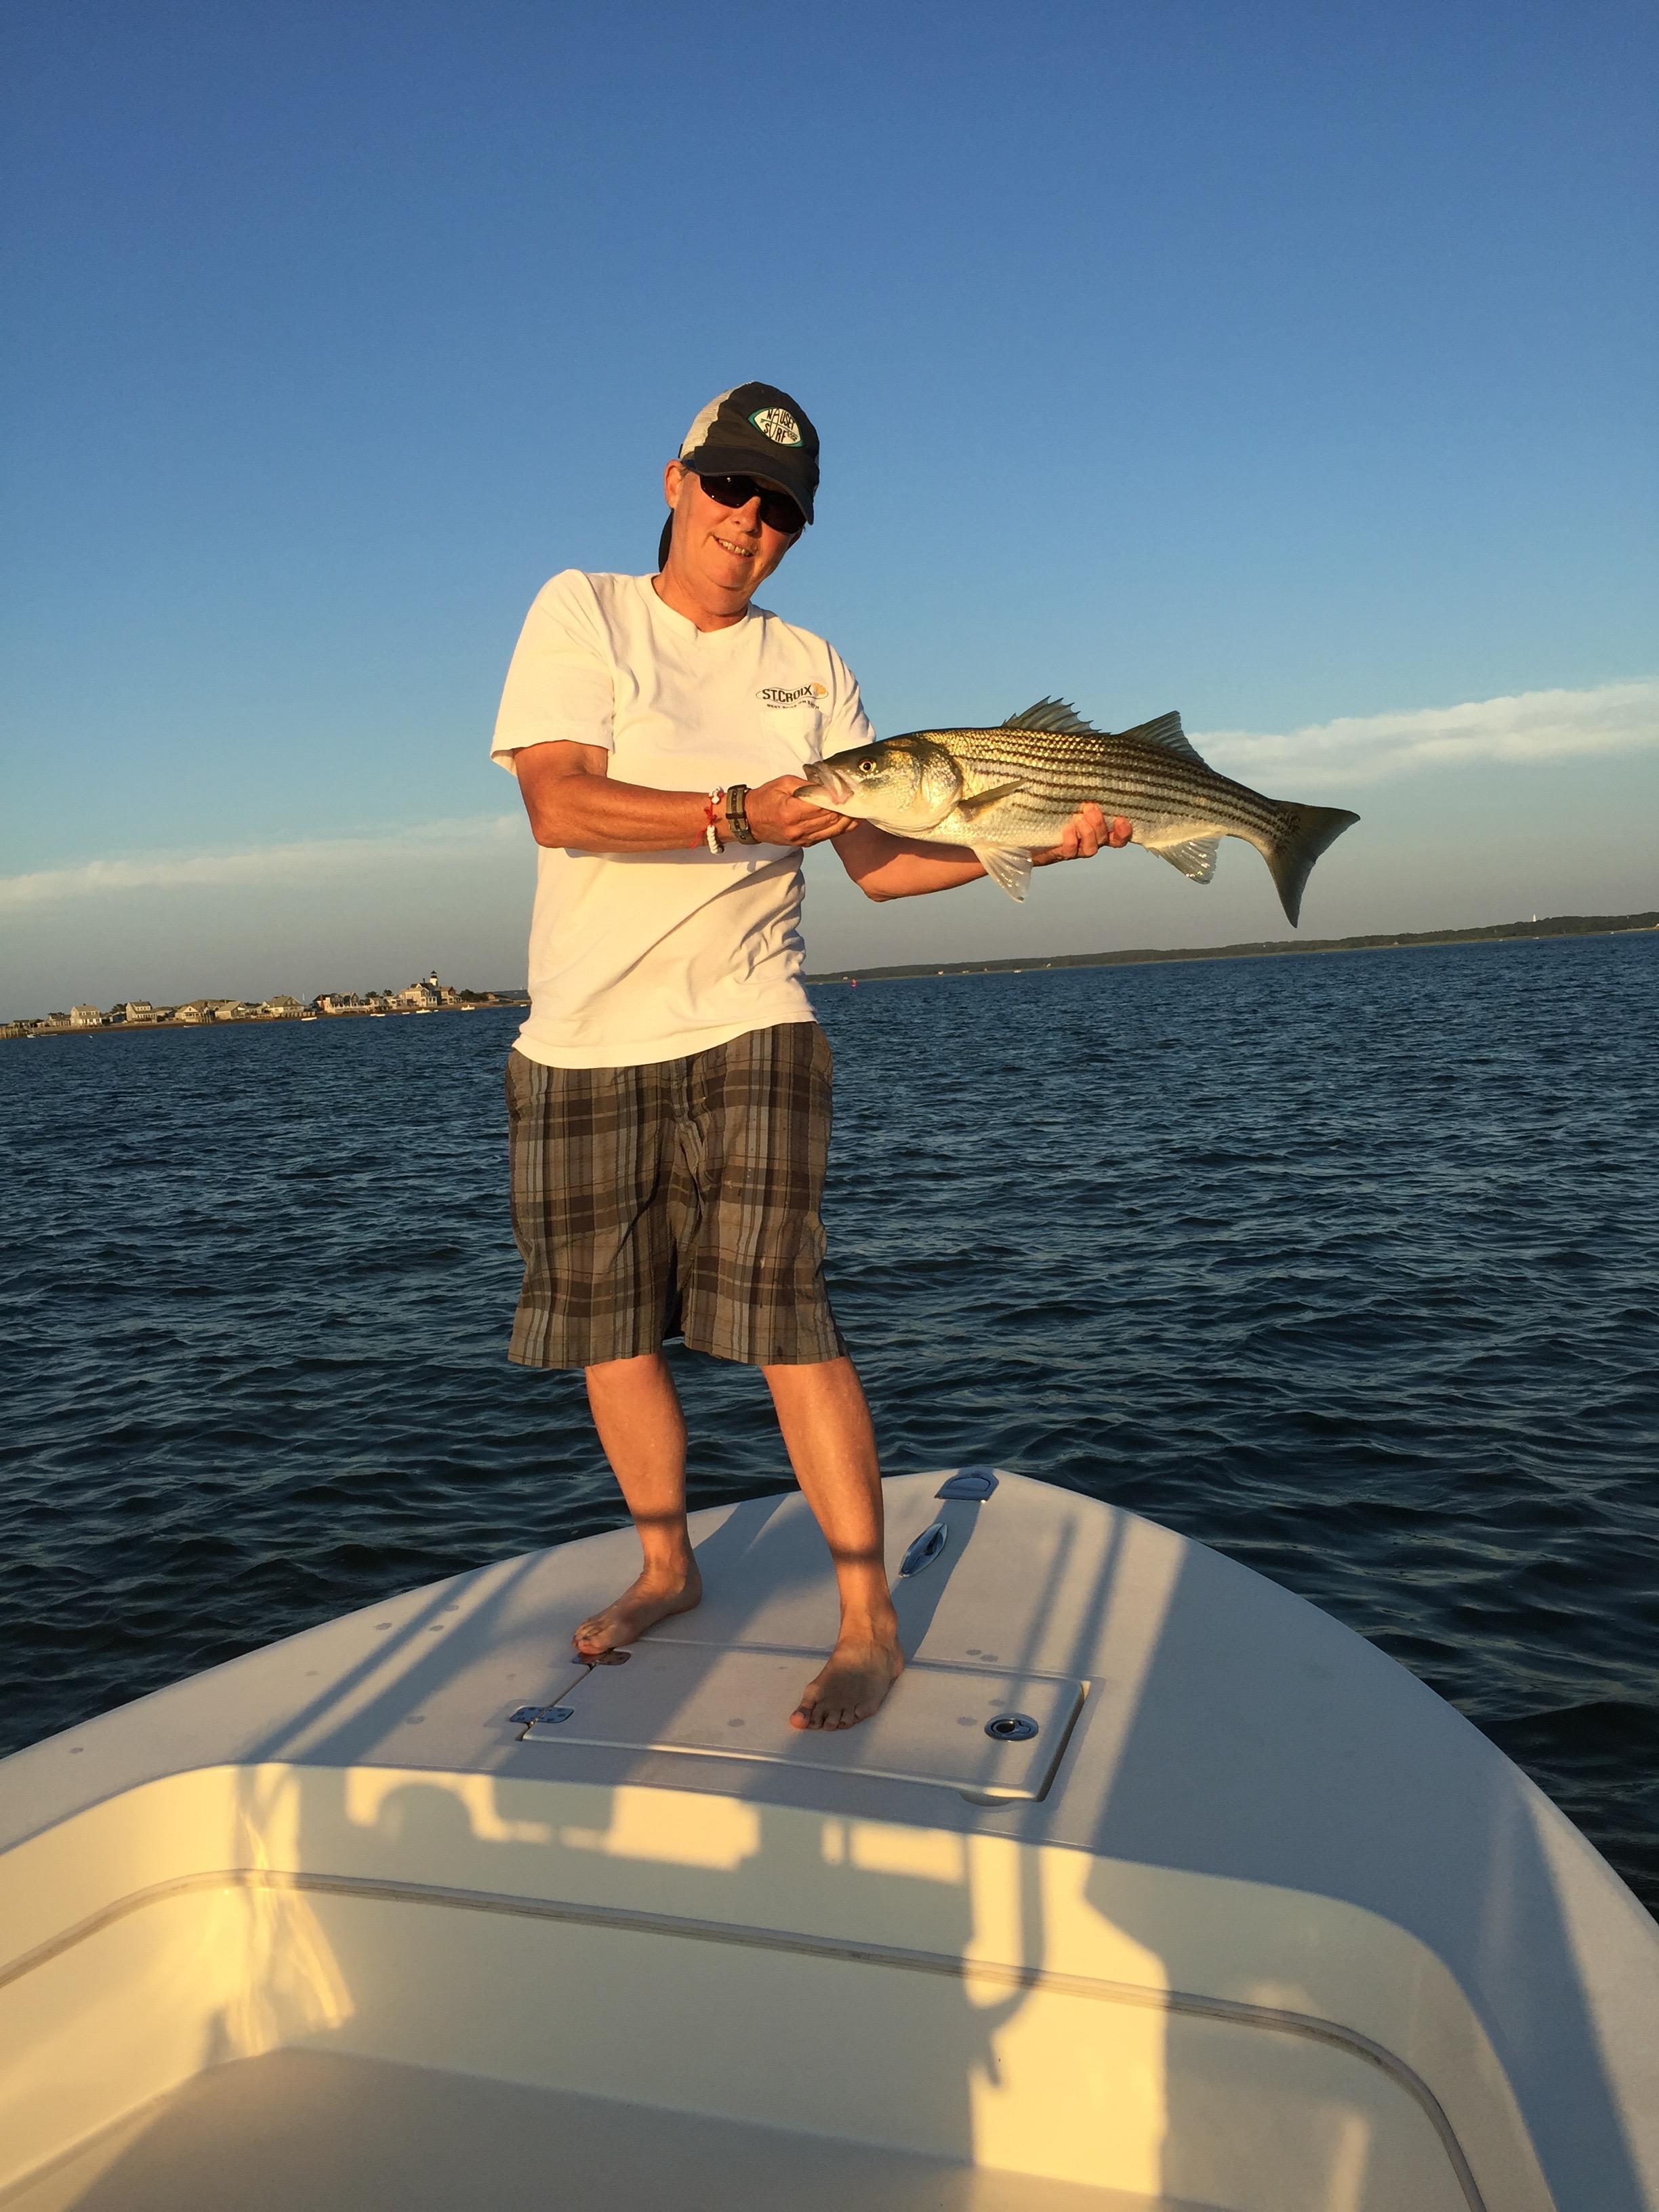 Capt'n Avery Fall Fish